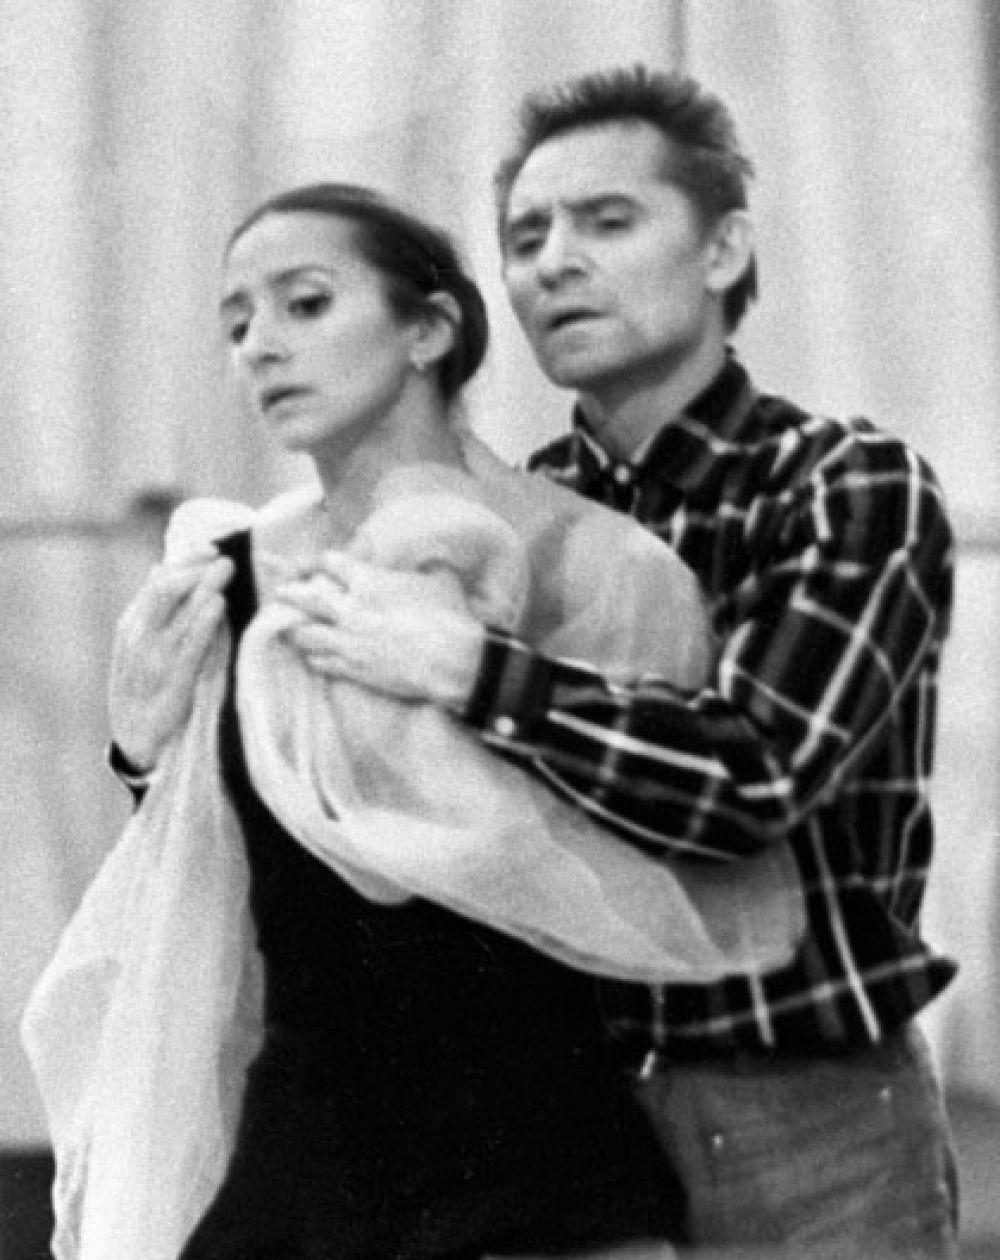 Балетмейстер Юрий Григорович и балерина Наталья Бессмертнова во время репетиции. 1977 г.